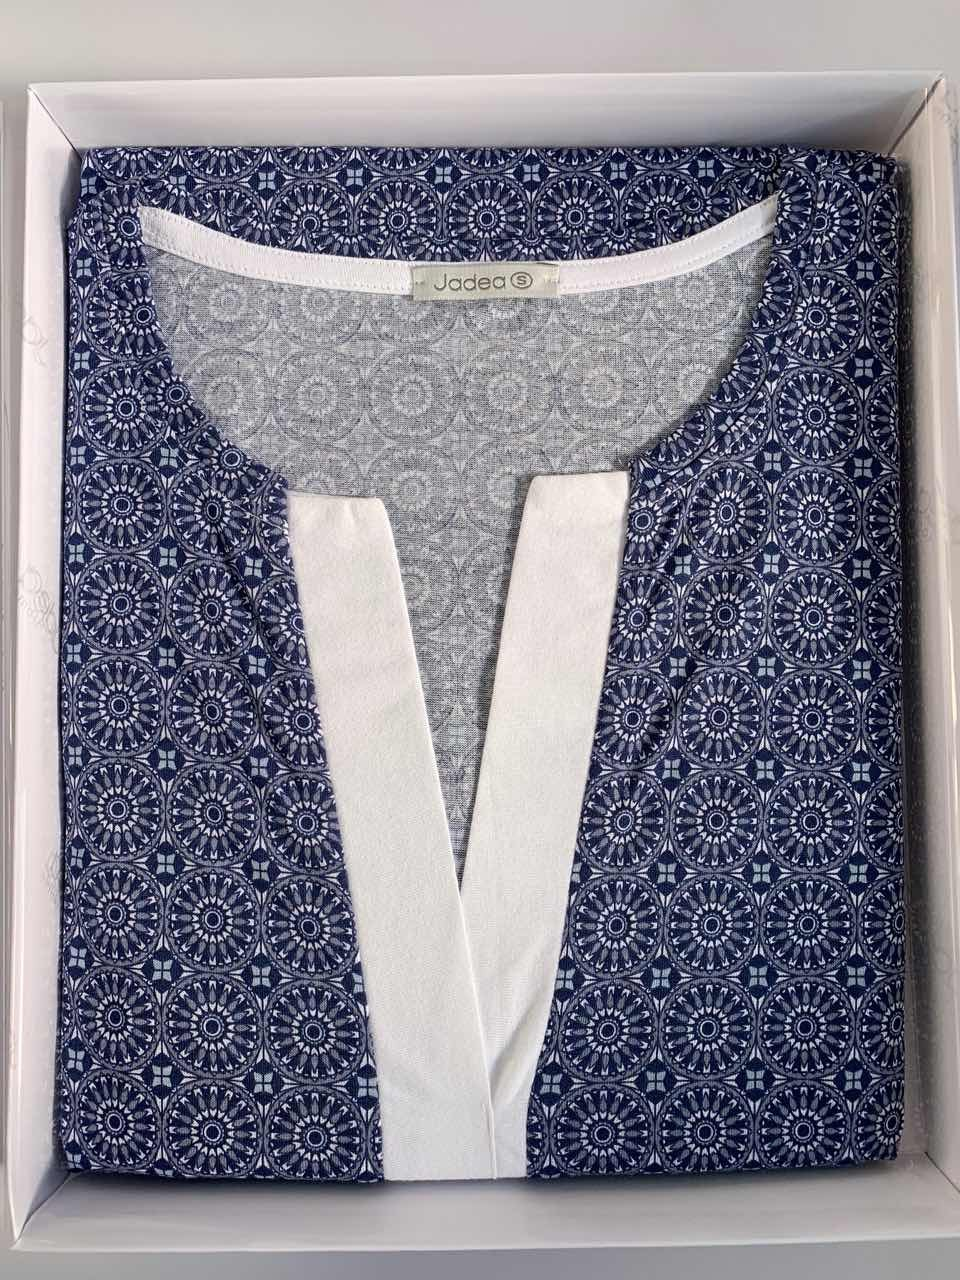 498452af7197 Jadea 3080 blu Пижама/домашний костюм Lungo трусы купить, Jadea 3080 ...